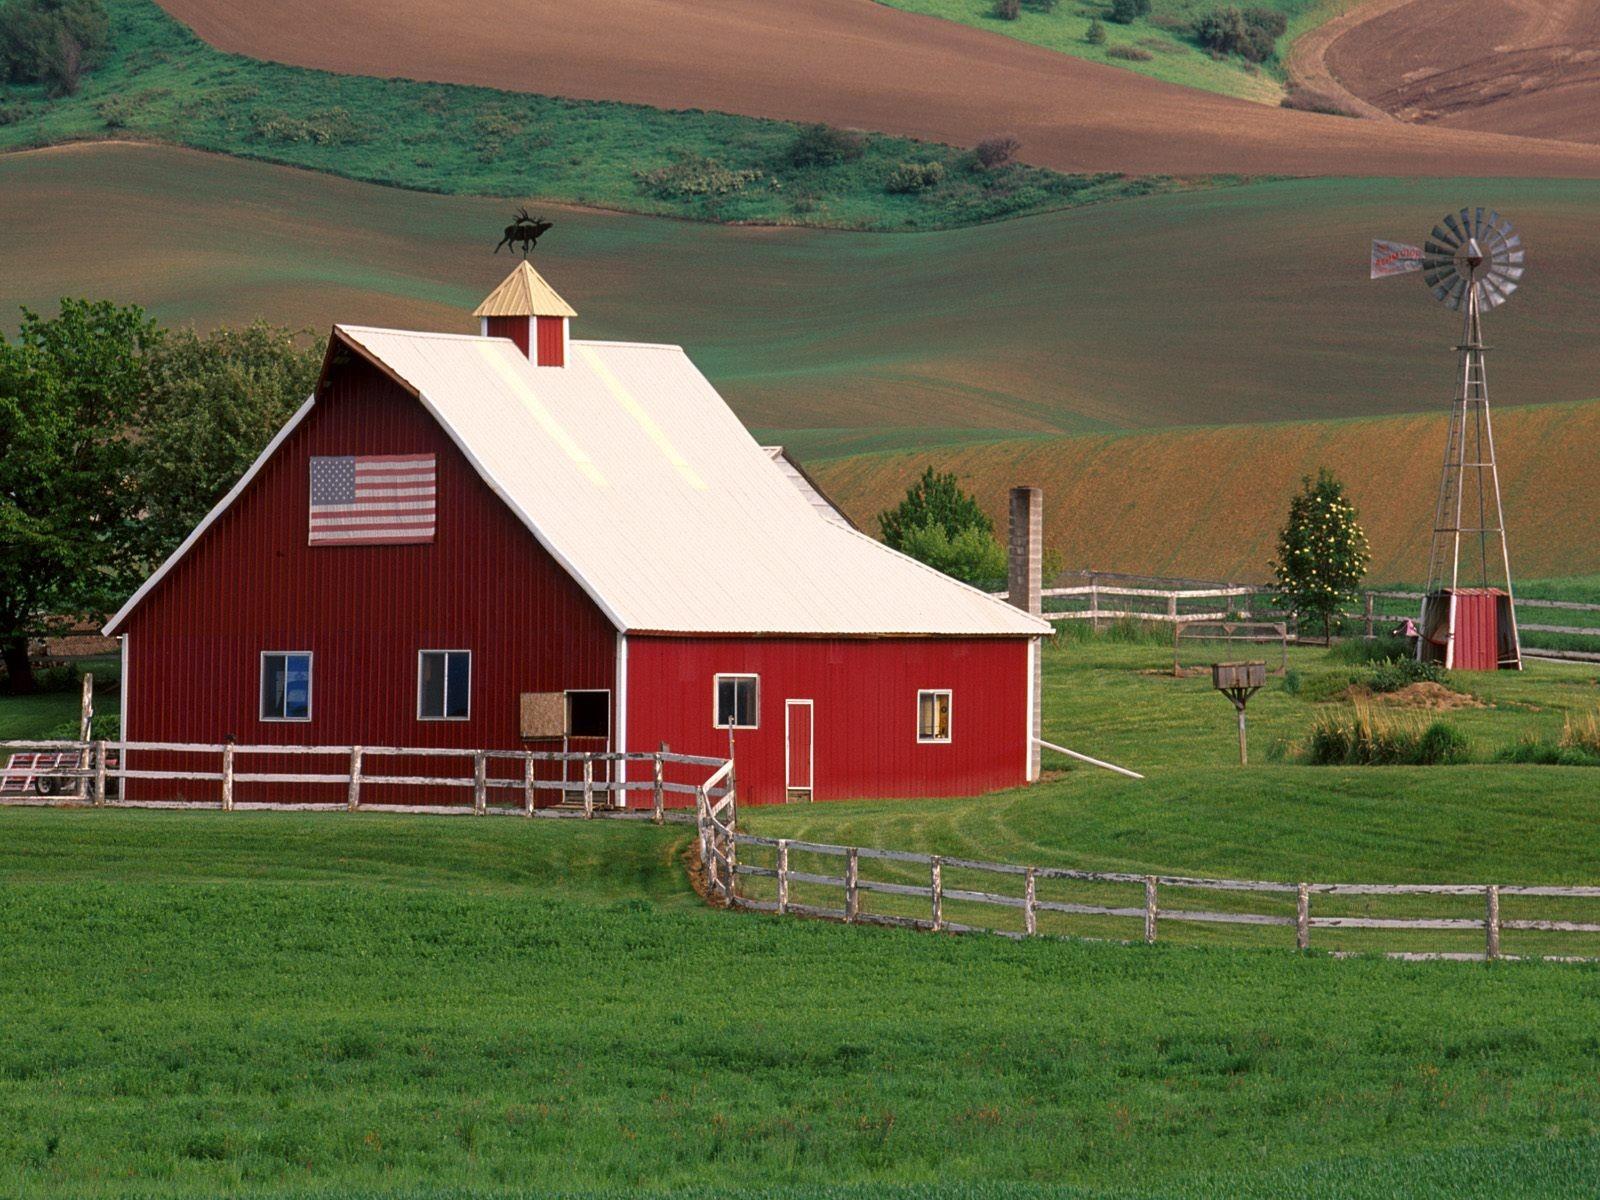 Fond d 39 cran paysage colline champ maison drapeau for Extension maison zone rurale